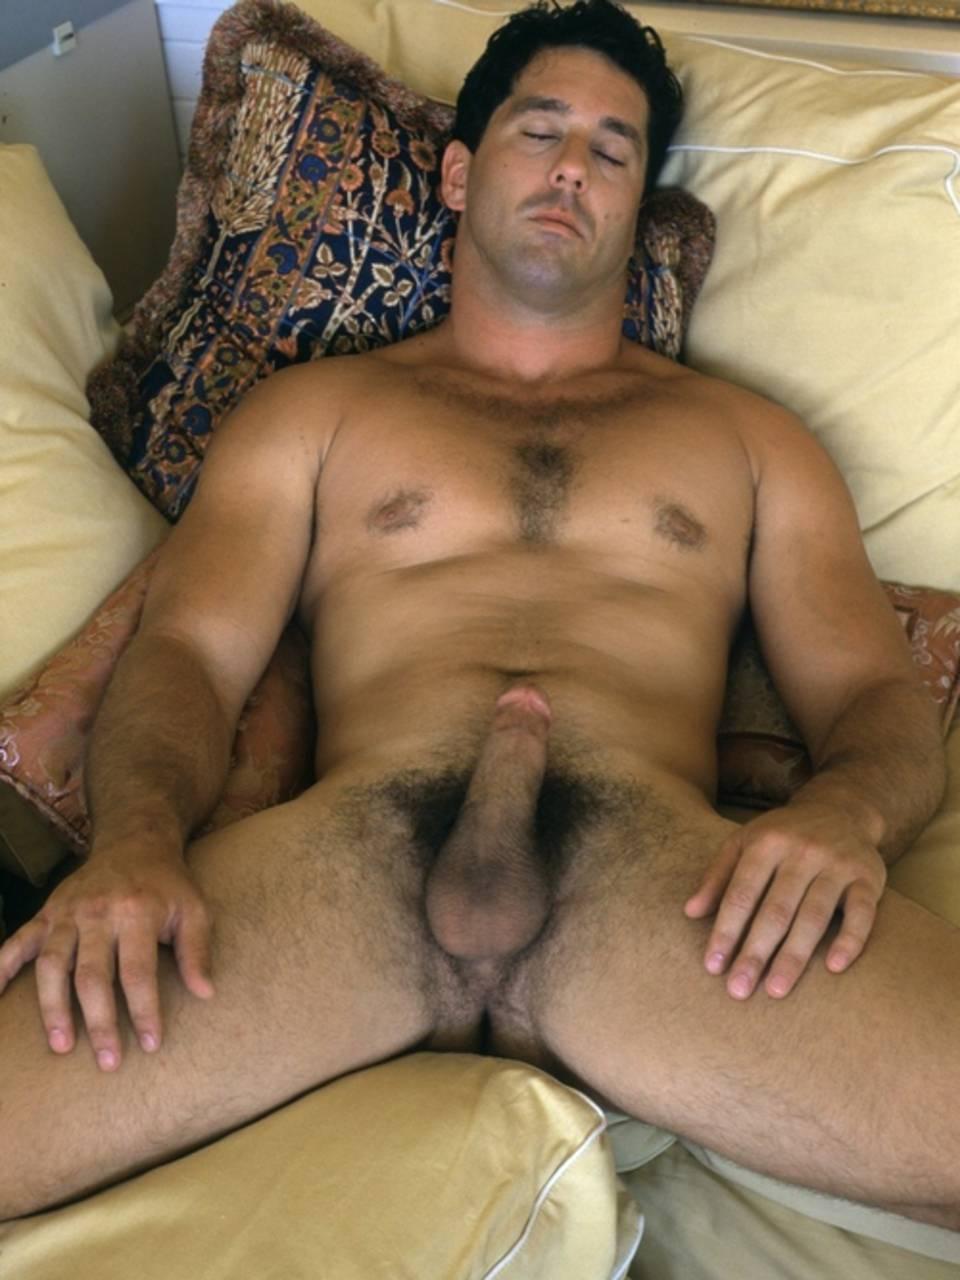 Sex erection pics xxx erotic scene